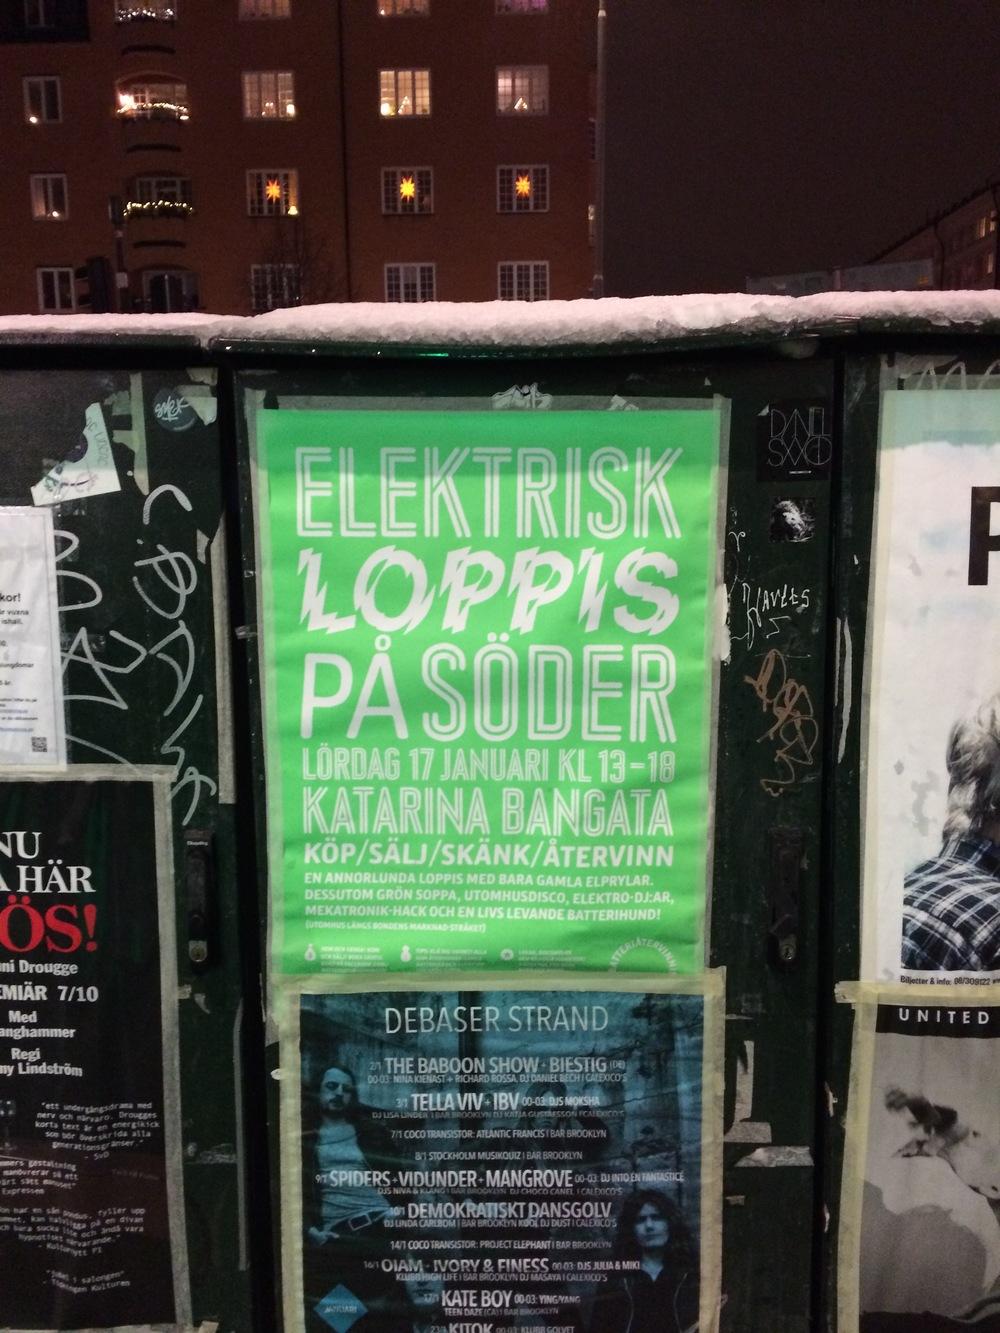 Kampanj och event för  Batteriåtervinningen .